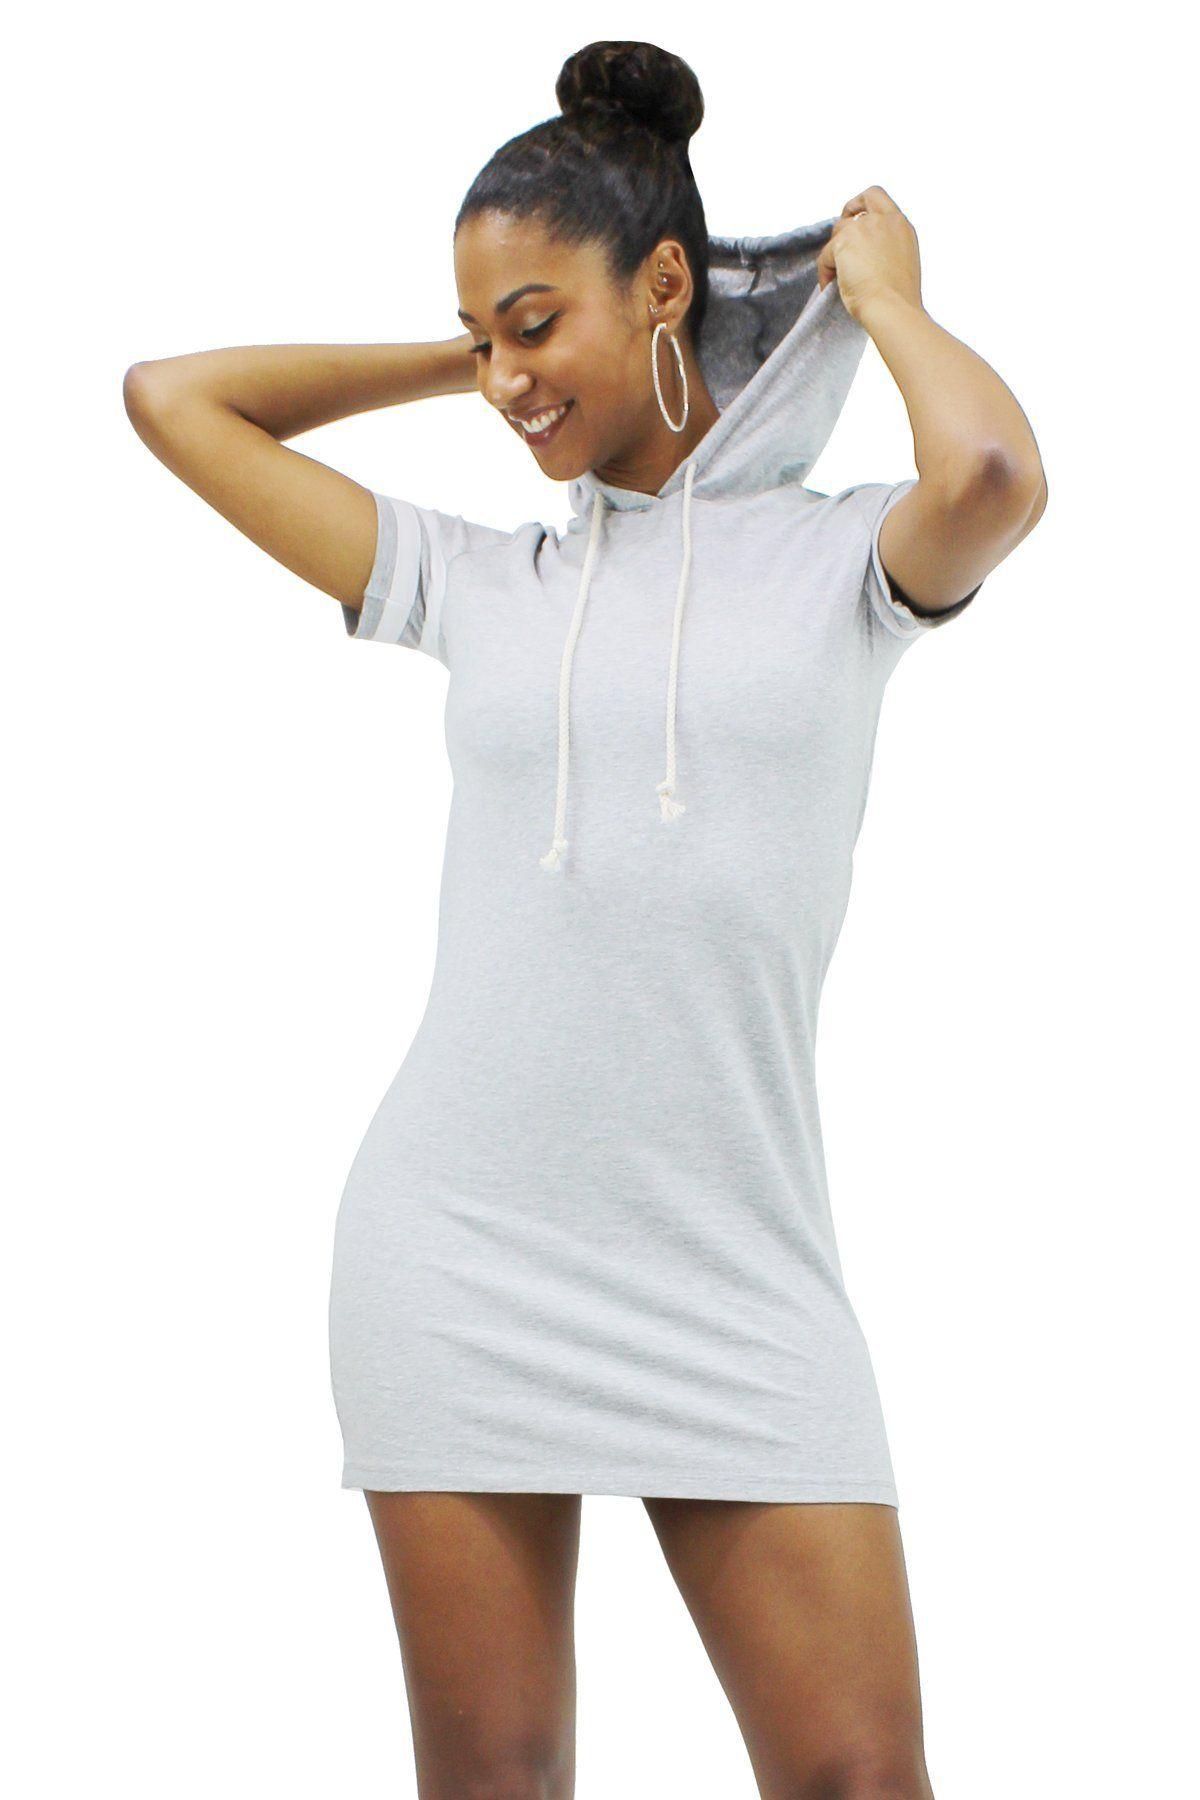 11044ece4b Drawstring hoodie casual striped short sleeve mini dress amb ddf jpg  1200x1800 Ddf dress